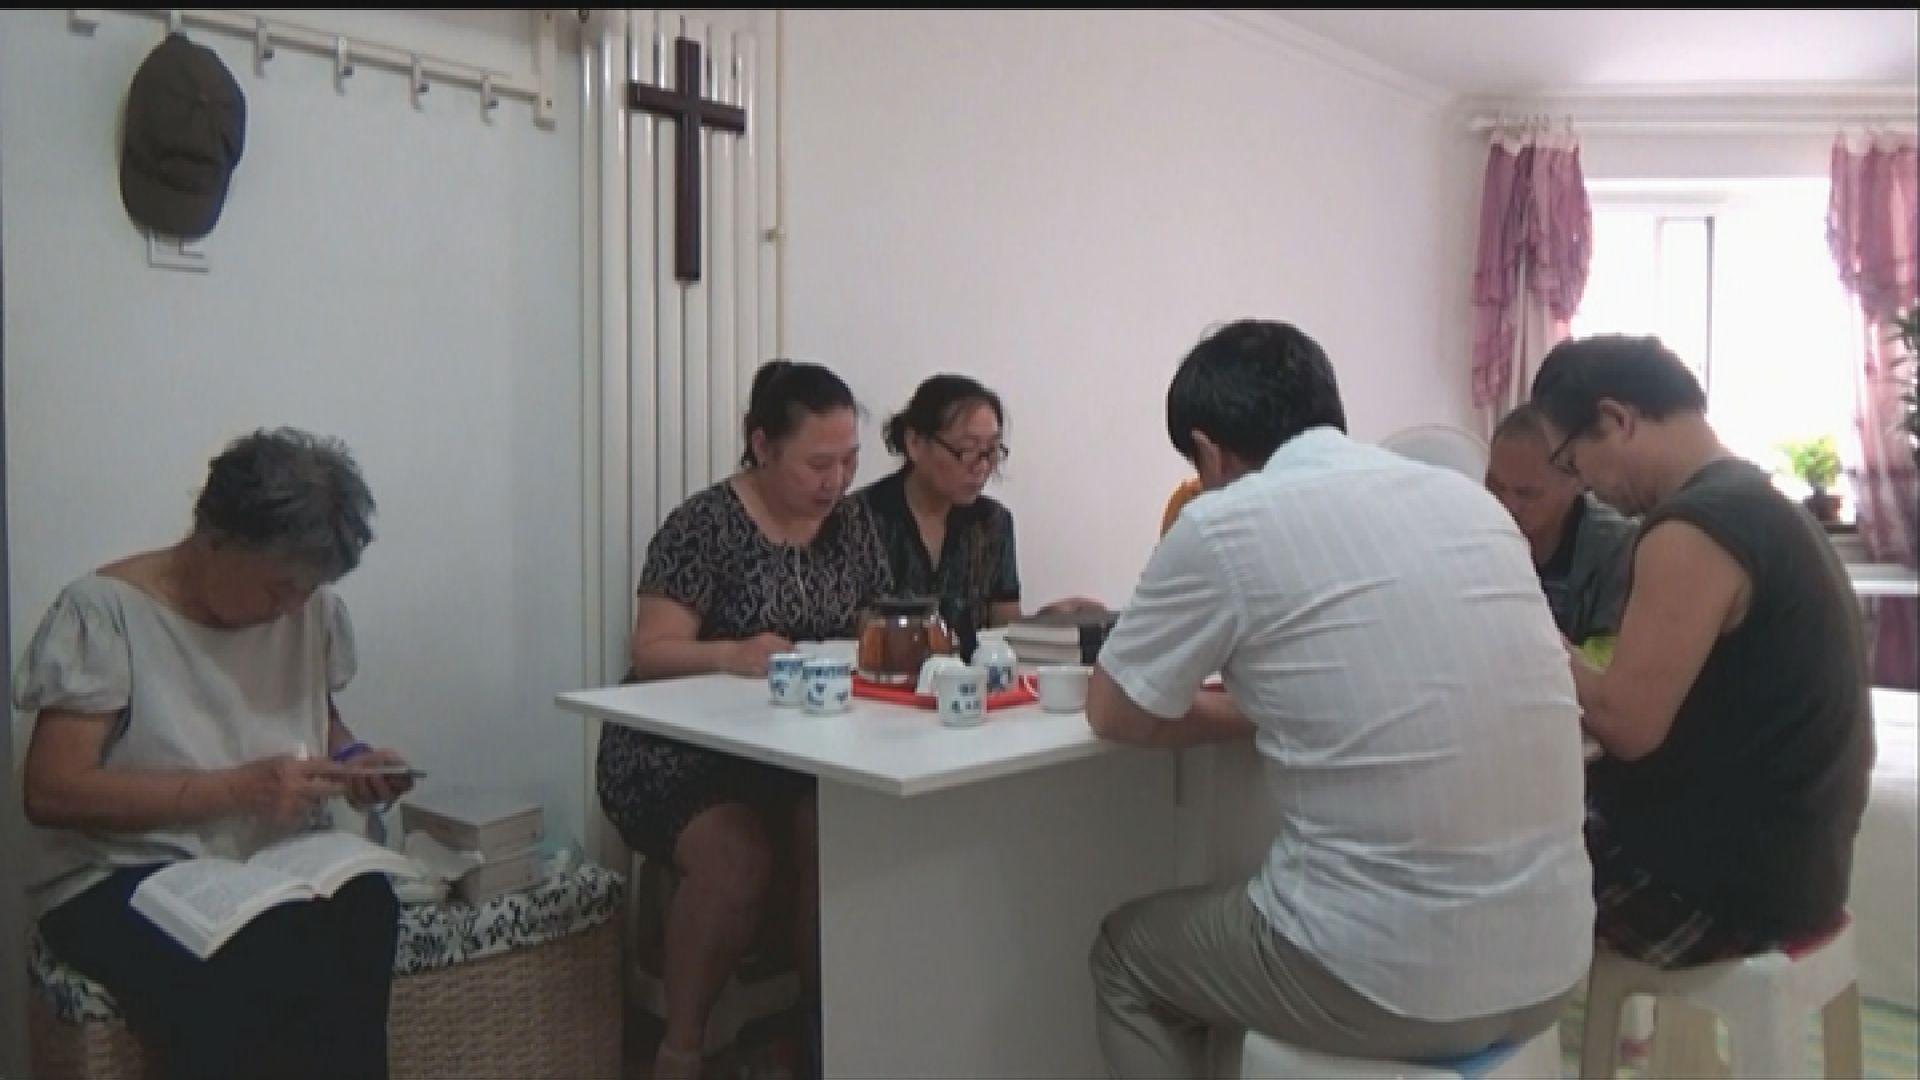 維權人士稱家庭教會抗爭形式改變